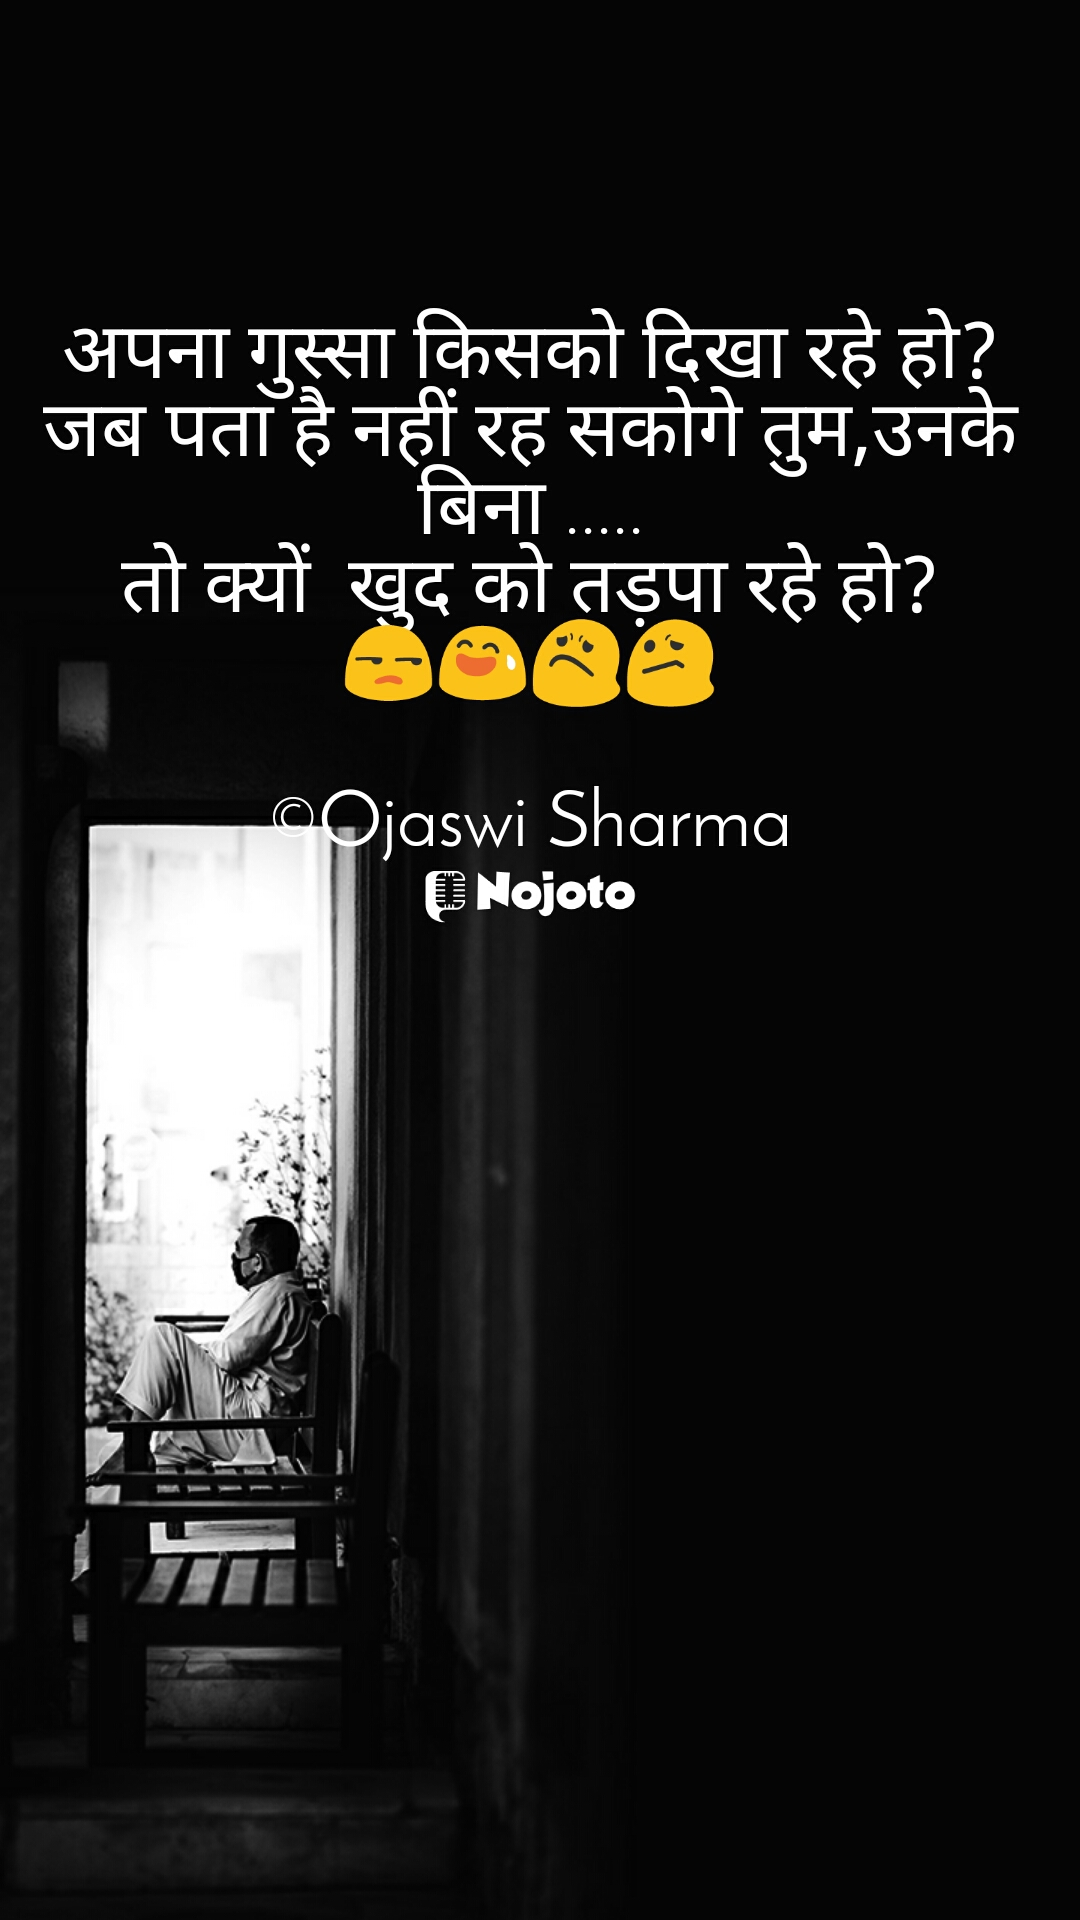 अपना गुस्सा किसको दिखा रहे हो?  जब पता है नहीं रह सकोगे तुम,उनके बिना ..... तो क्यों  खुद को तड़पा रहे हो? 😒😅😟😕  ©Ojaswi Sharma